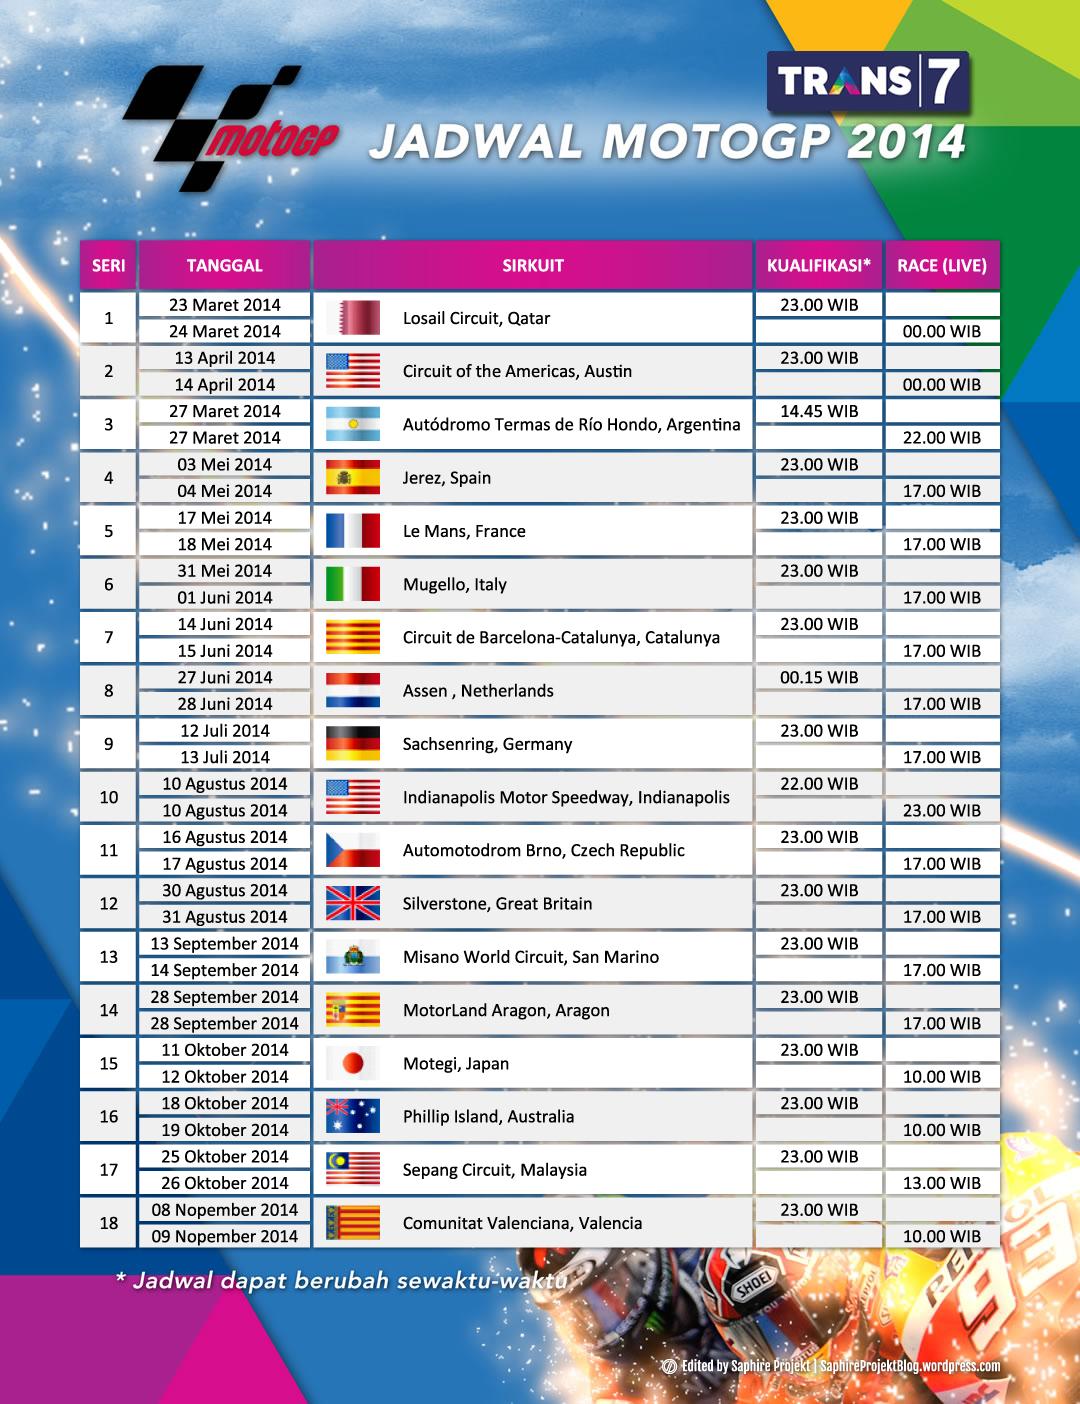 Jadwal Motogp Siaran Langsung Spanyol